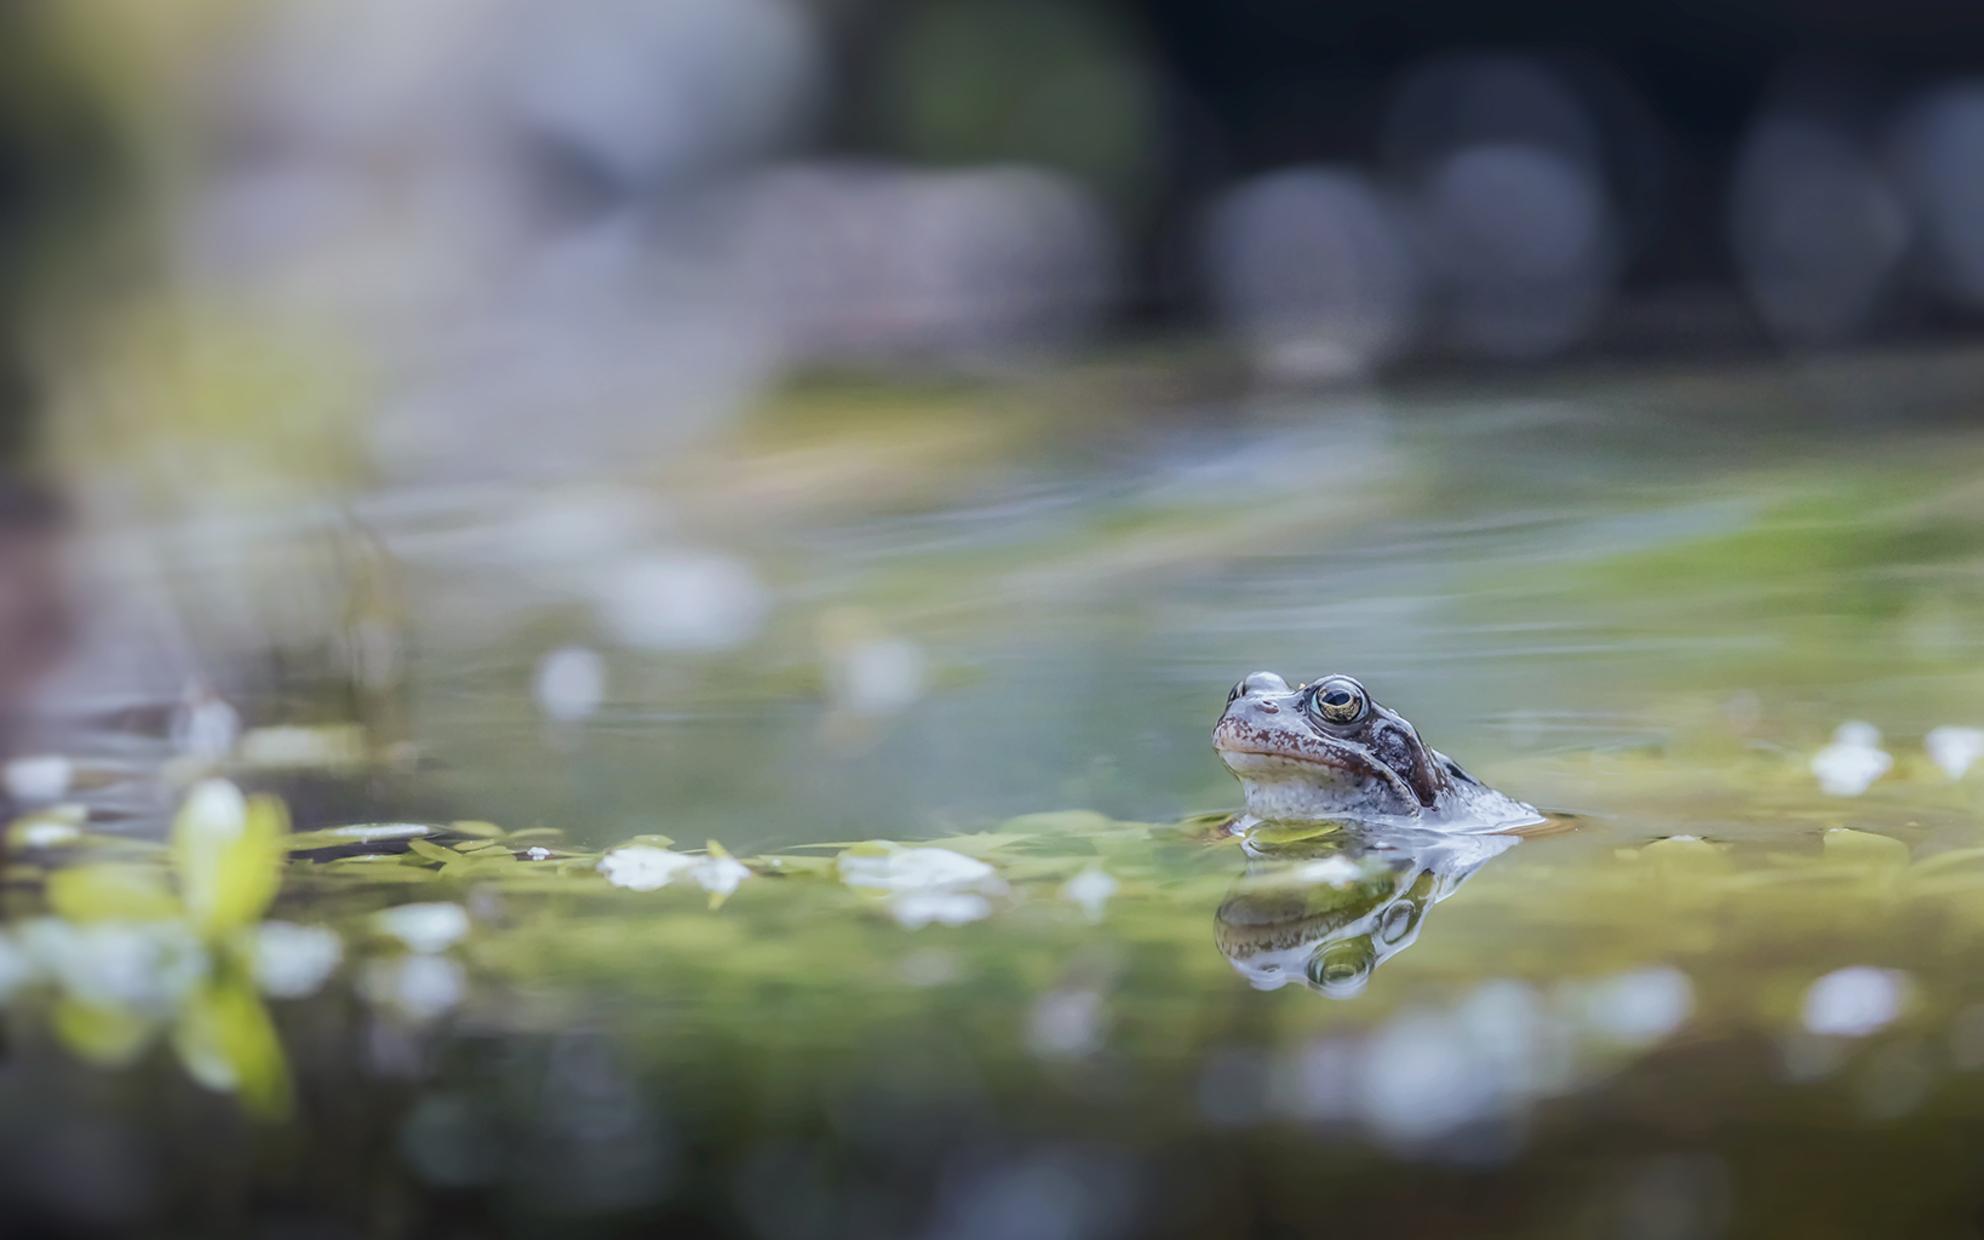 Vol verwachting .... - Vol verwachting klopt zijn hart, zal de ware voorbij komen deze lente. Deze foto is voor de sneeuw genomen toen de temperatuur nog redelijk was. De v - foto door h.meeuwes op 07-04-2021 - deze foto bevat: kikker, vijver, tuin, groot diafragma, water, voorjaar, lente, kleuren, zacht, bokeh, sfeer, reflectie, spiegeling, water, vloeistof, kikker, echte kikker, bek, vloeistof, pad, fabriek, waterloop, amfibie